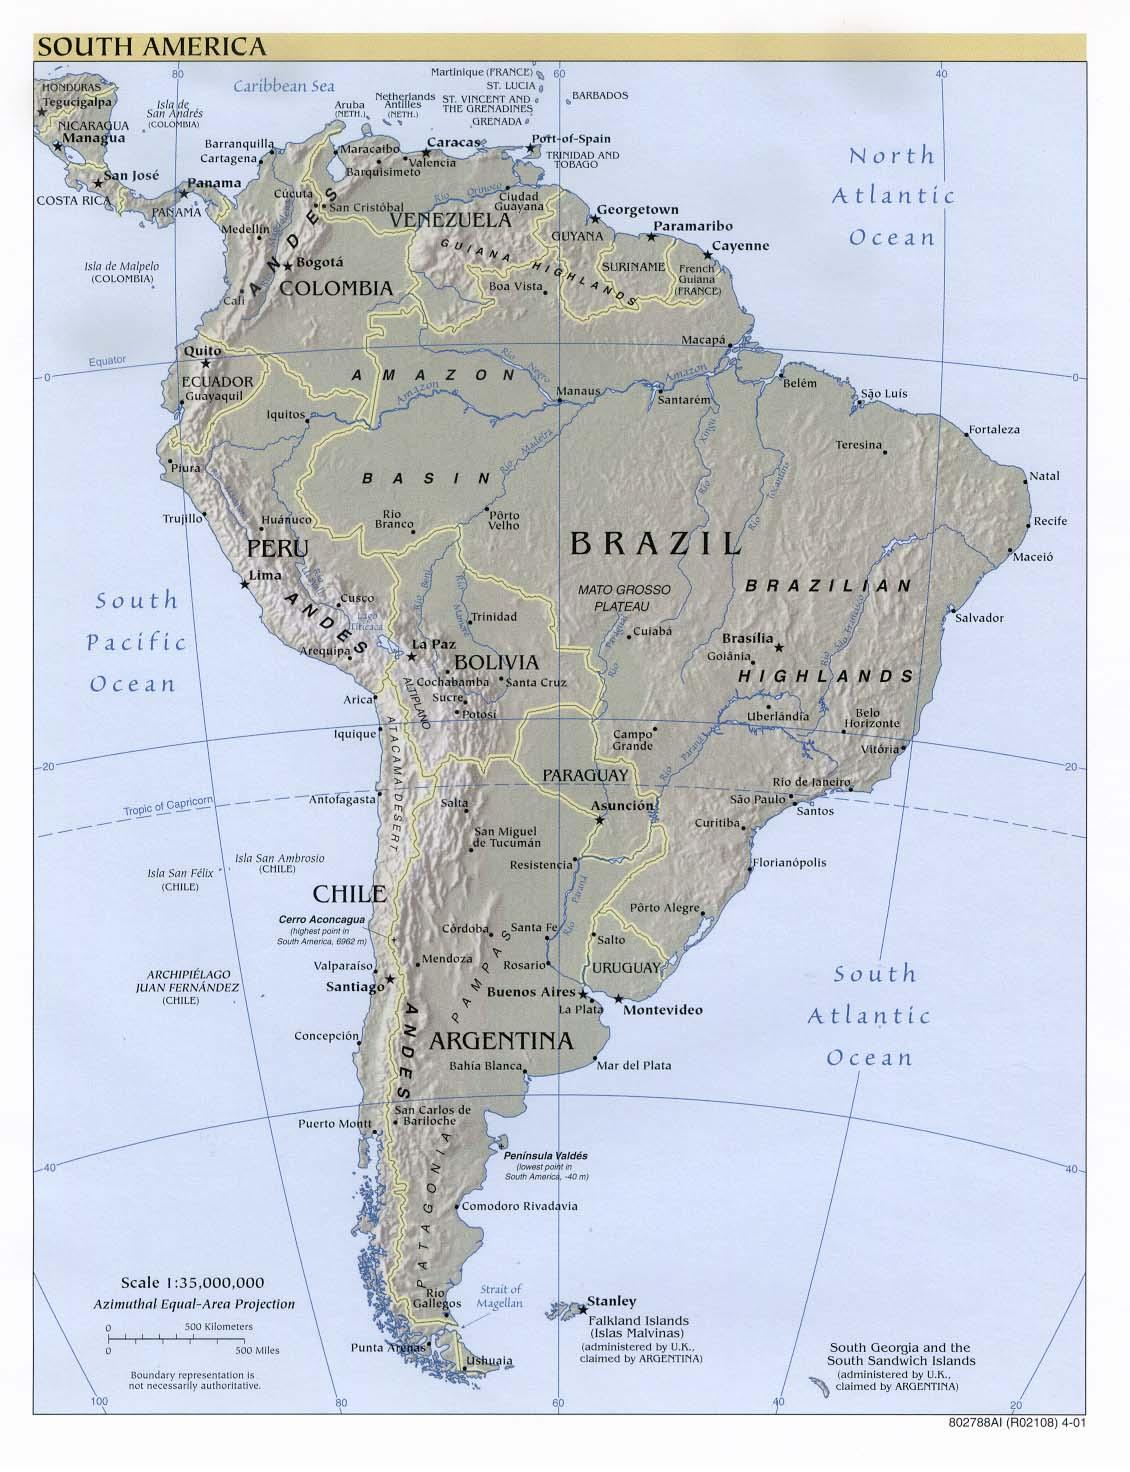 Mapa de Relieve de América del Sur 2001